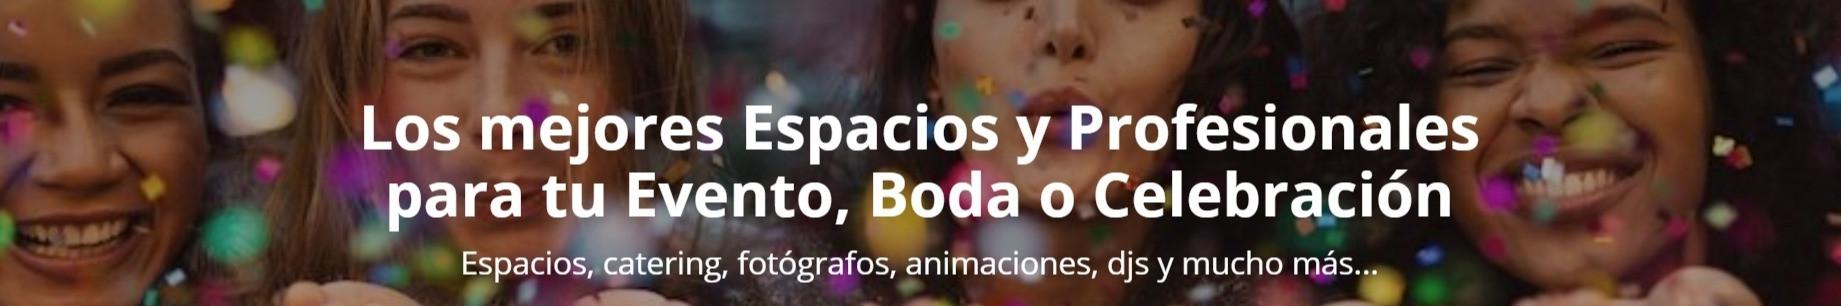 Celebrents - Espacios, catering, fotógrafos, animaciones